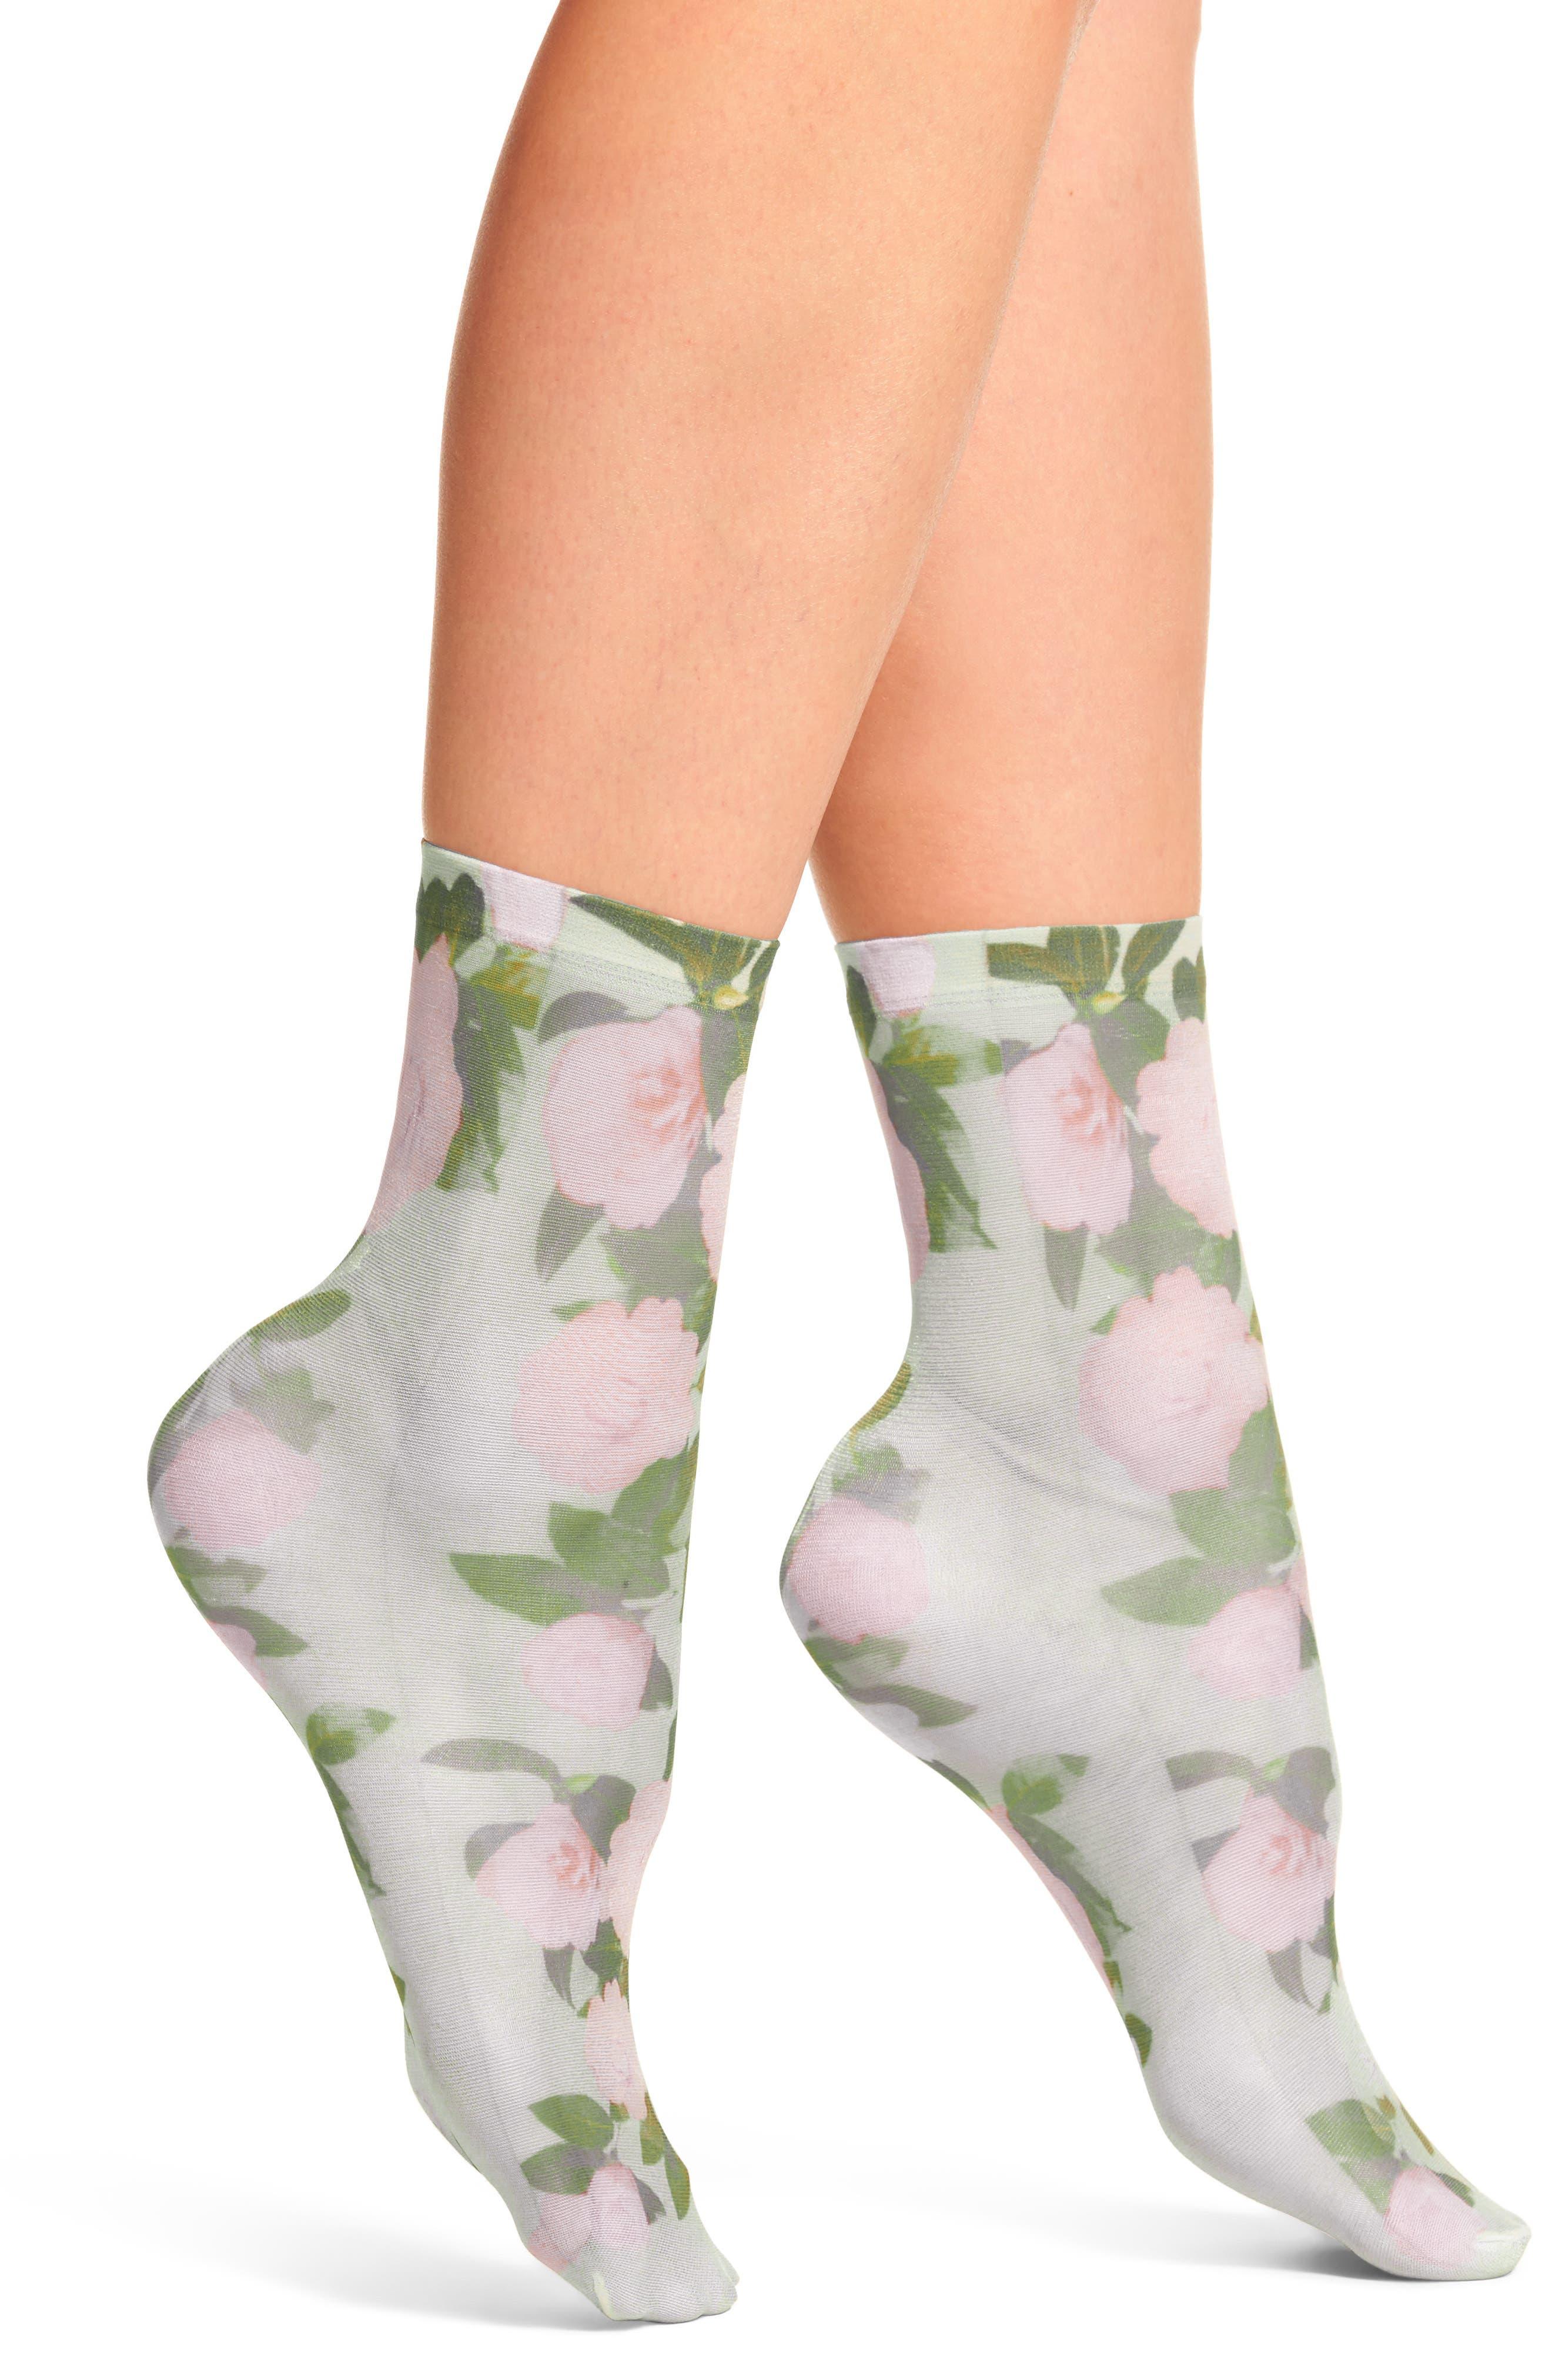 Sarah Borghi Damiana Ankle Socks